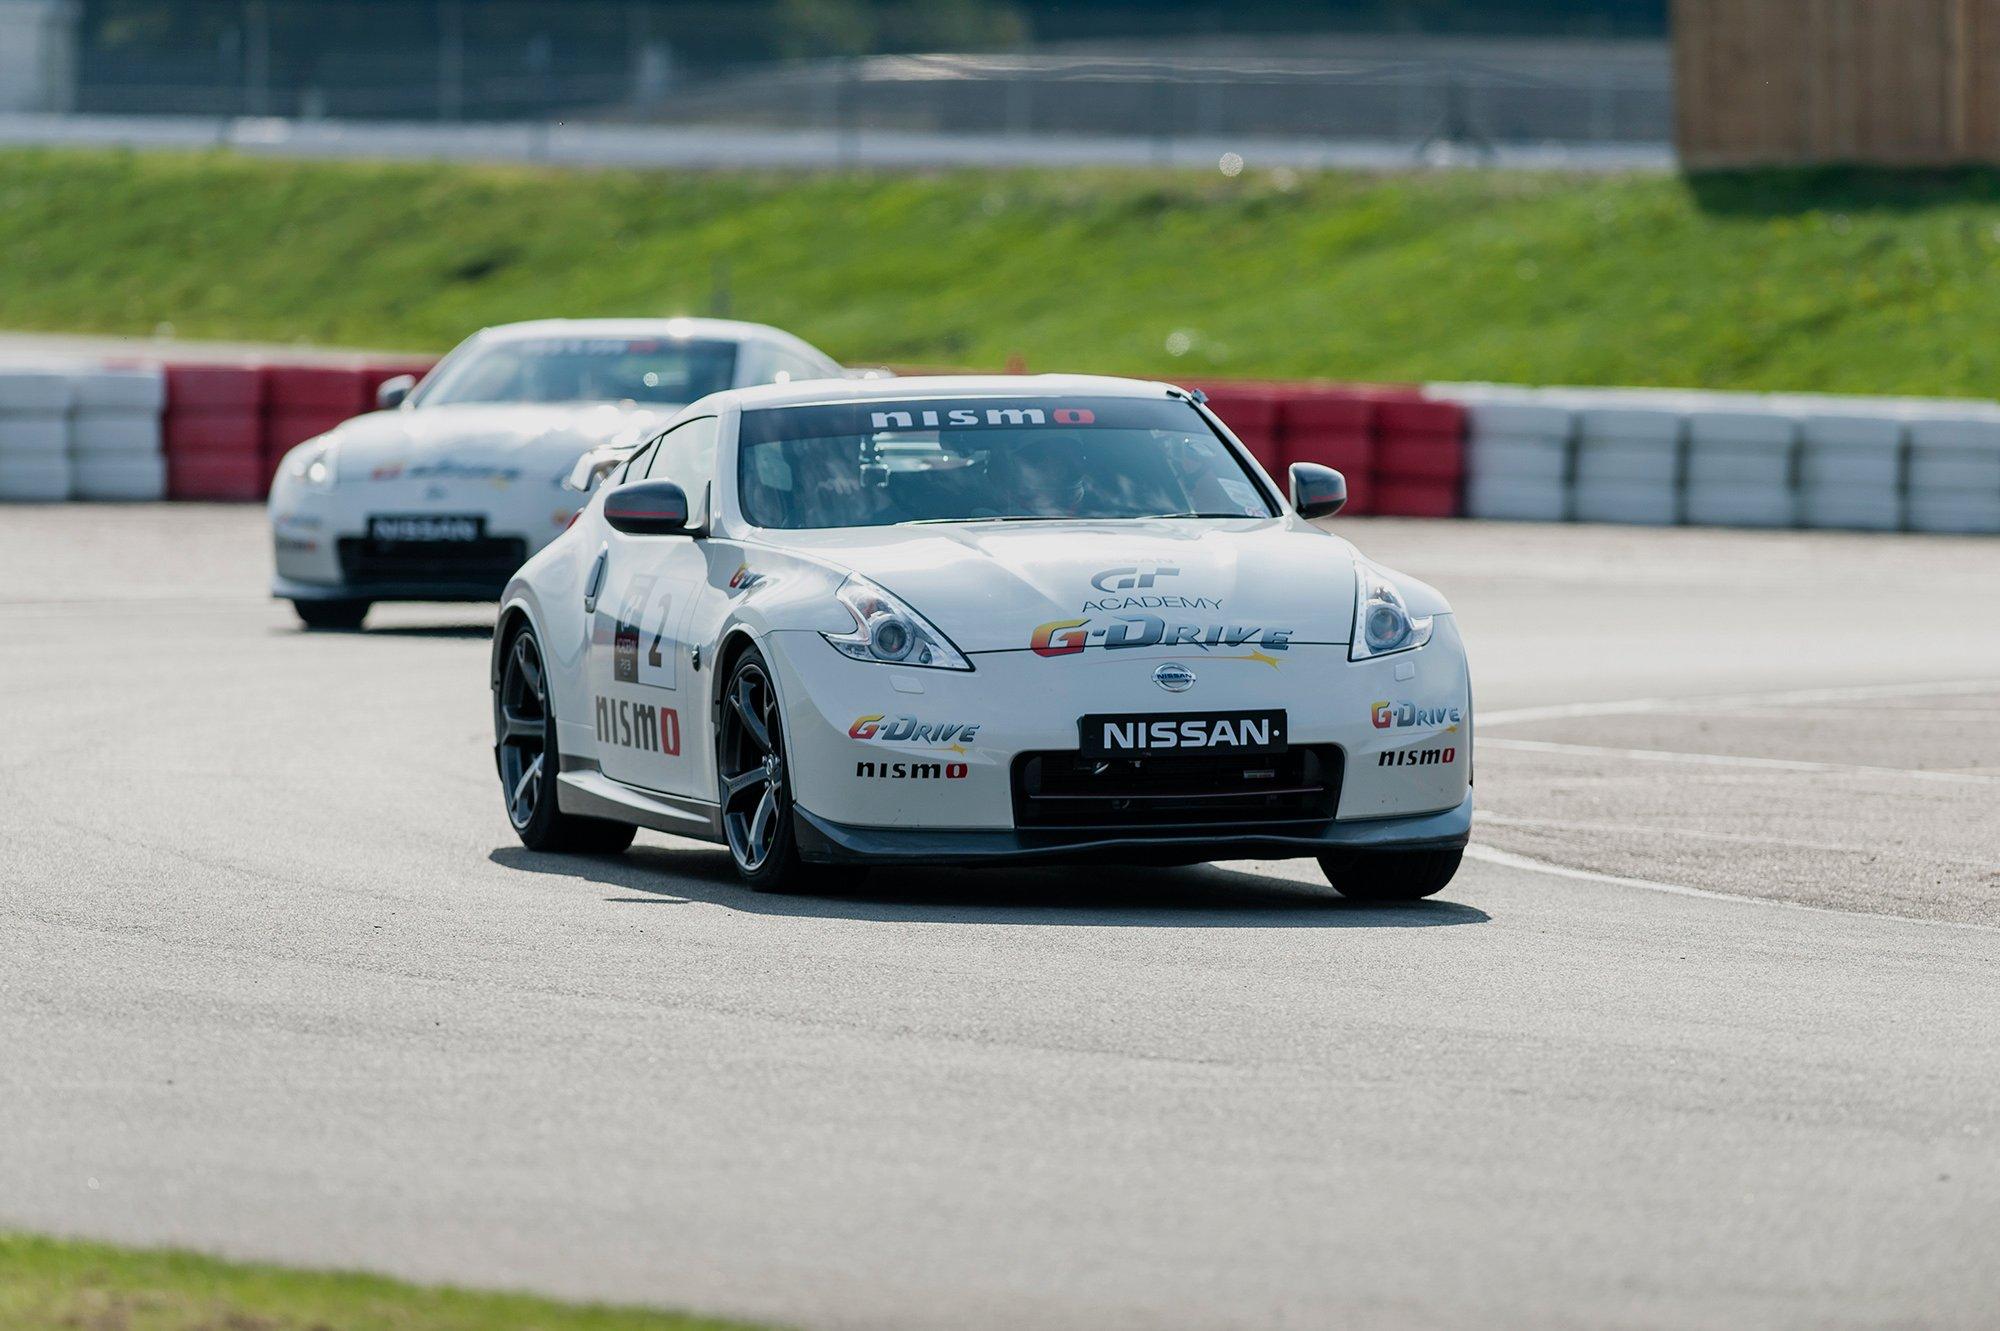 Zu Besuch bei der Nissan GT Academy in Silverstone